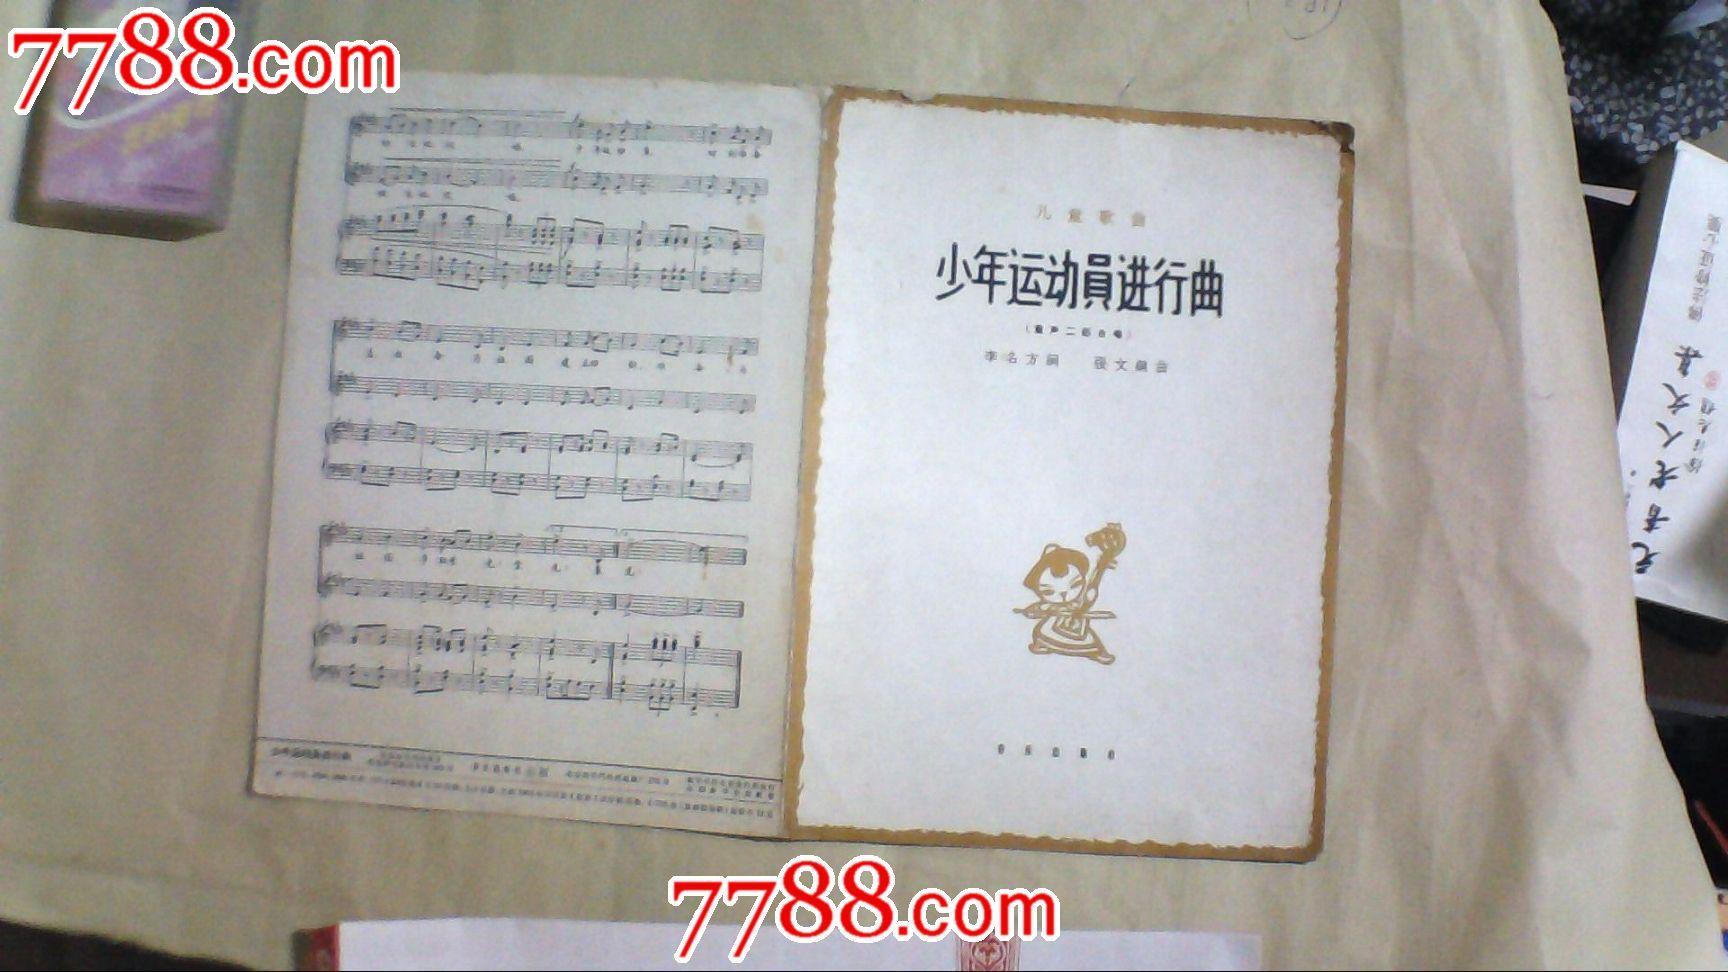 少年中国强扬琴乐谱